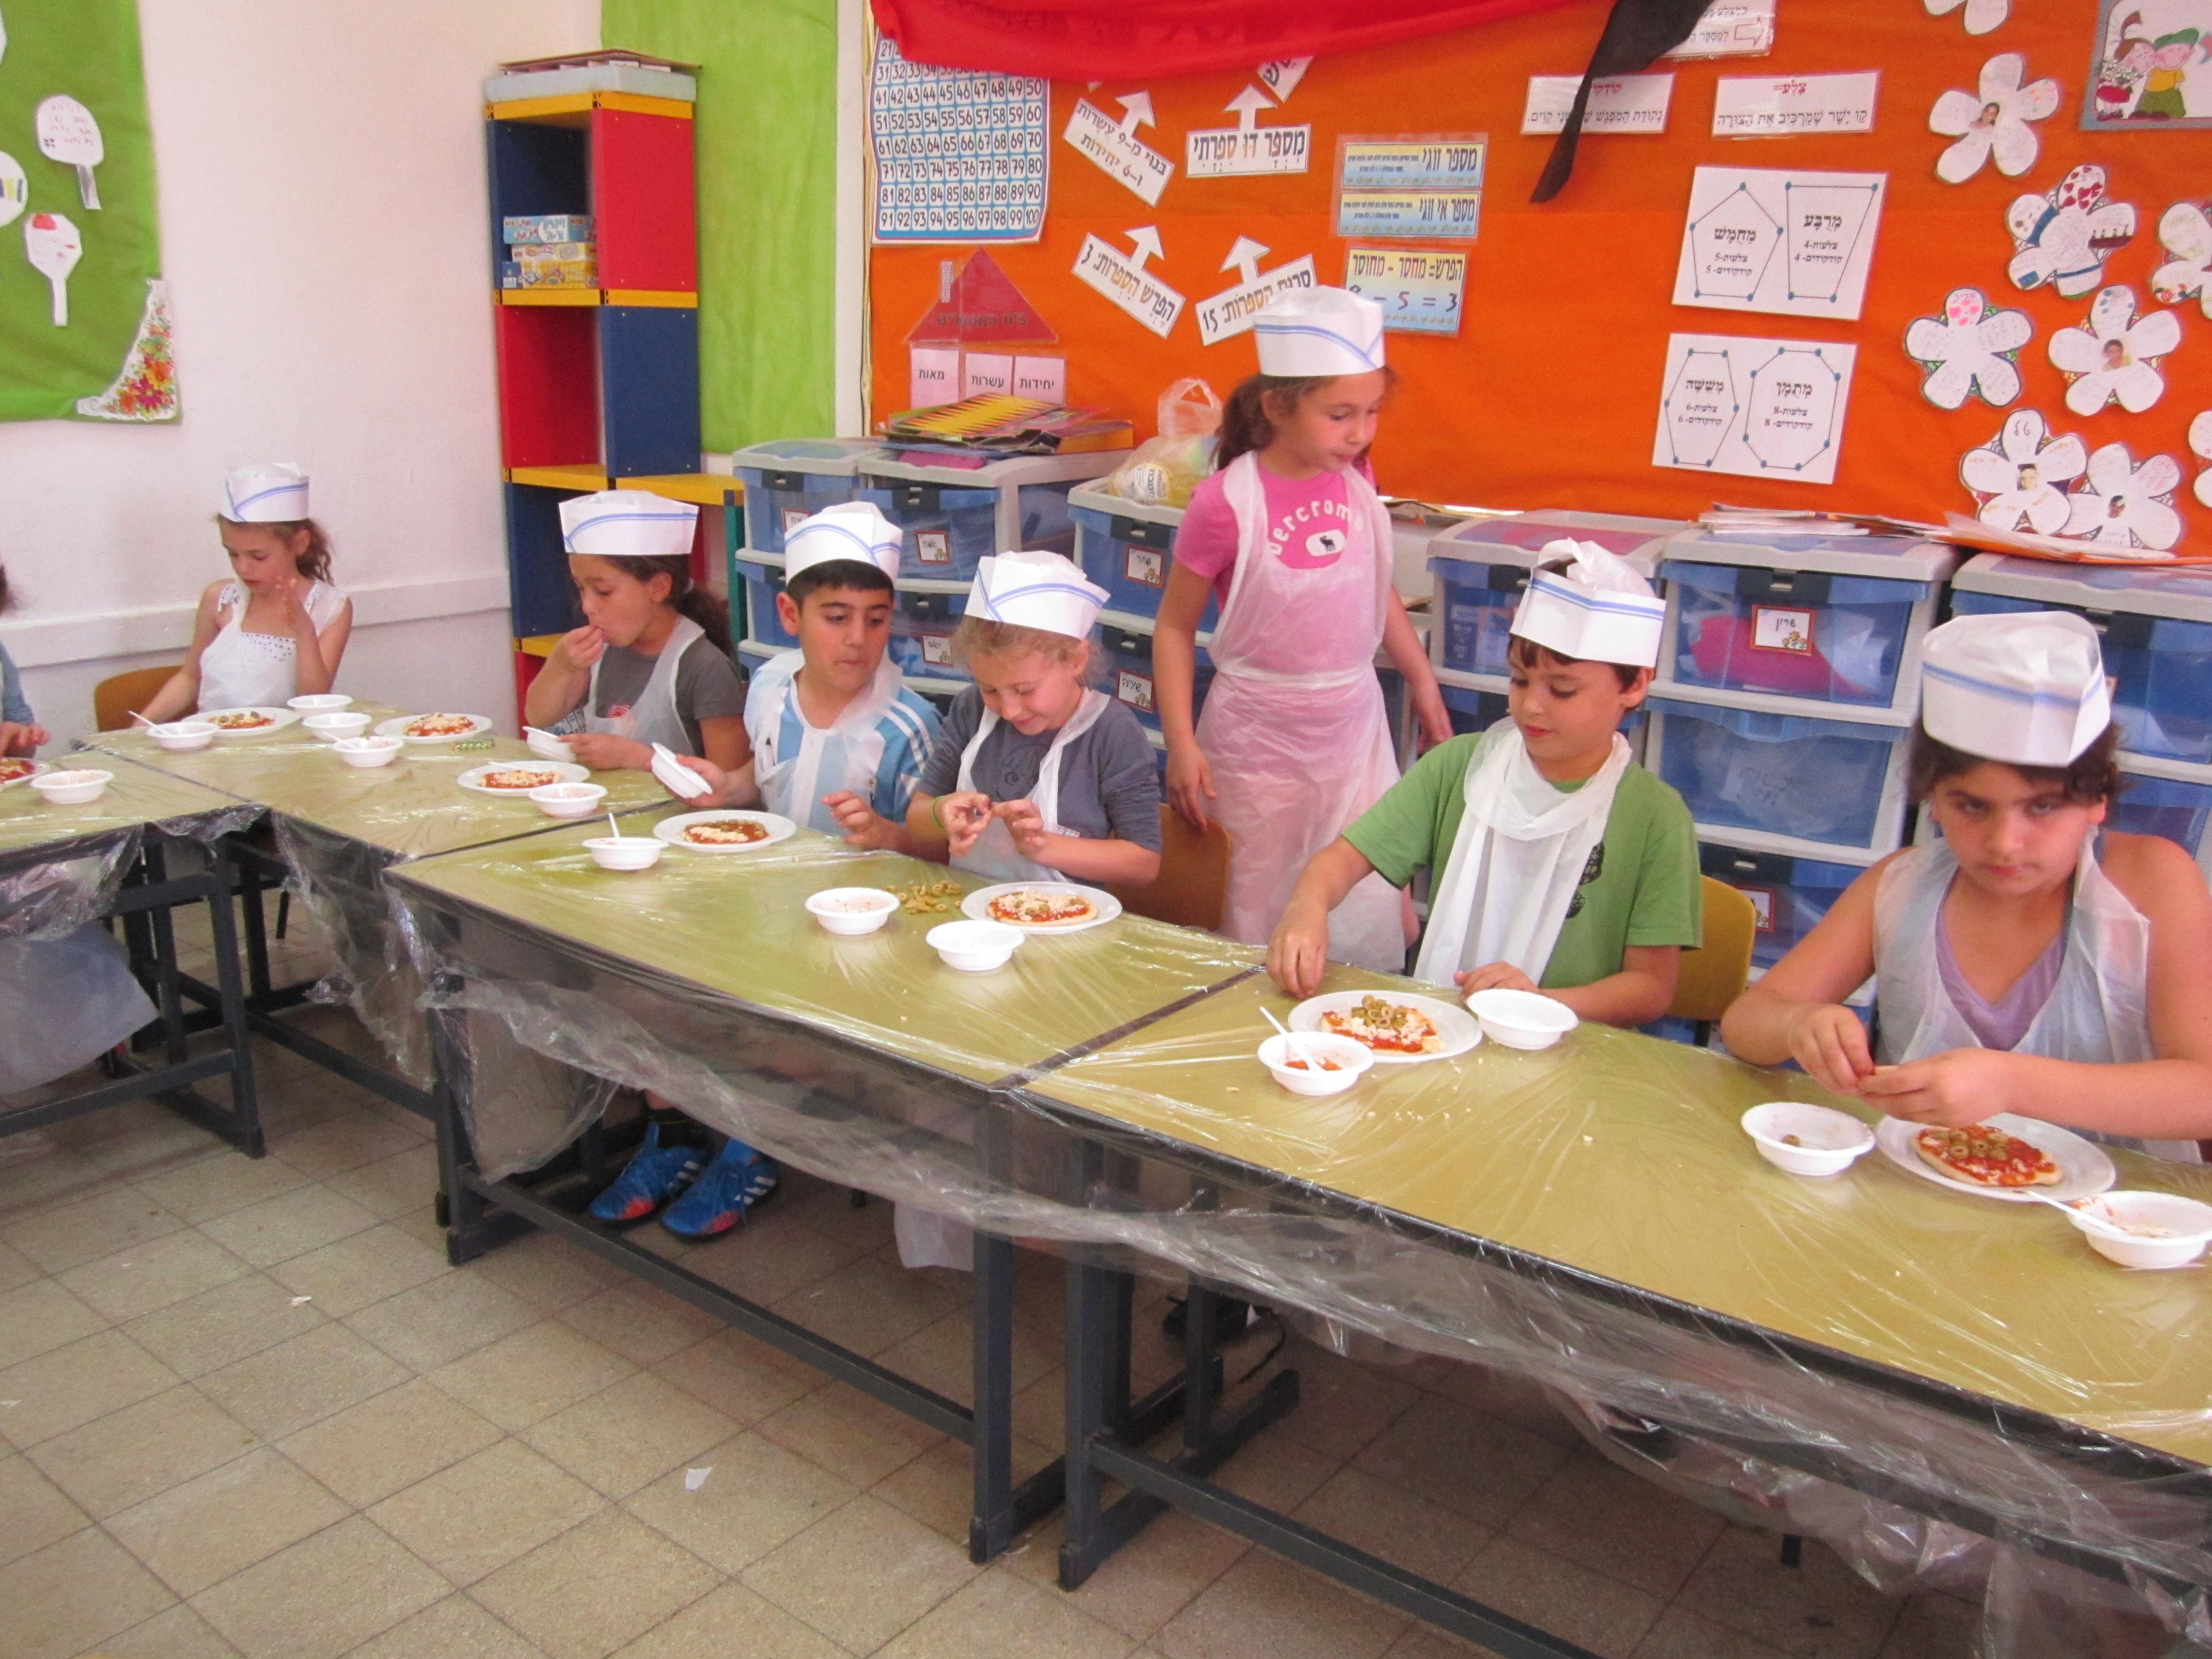 סדנה להכנת פיצות לילדים